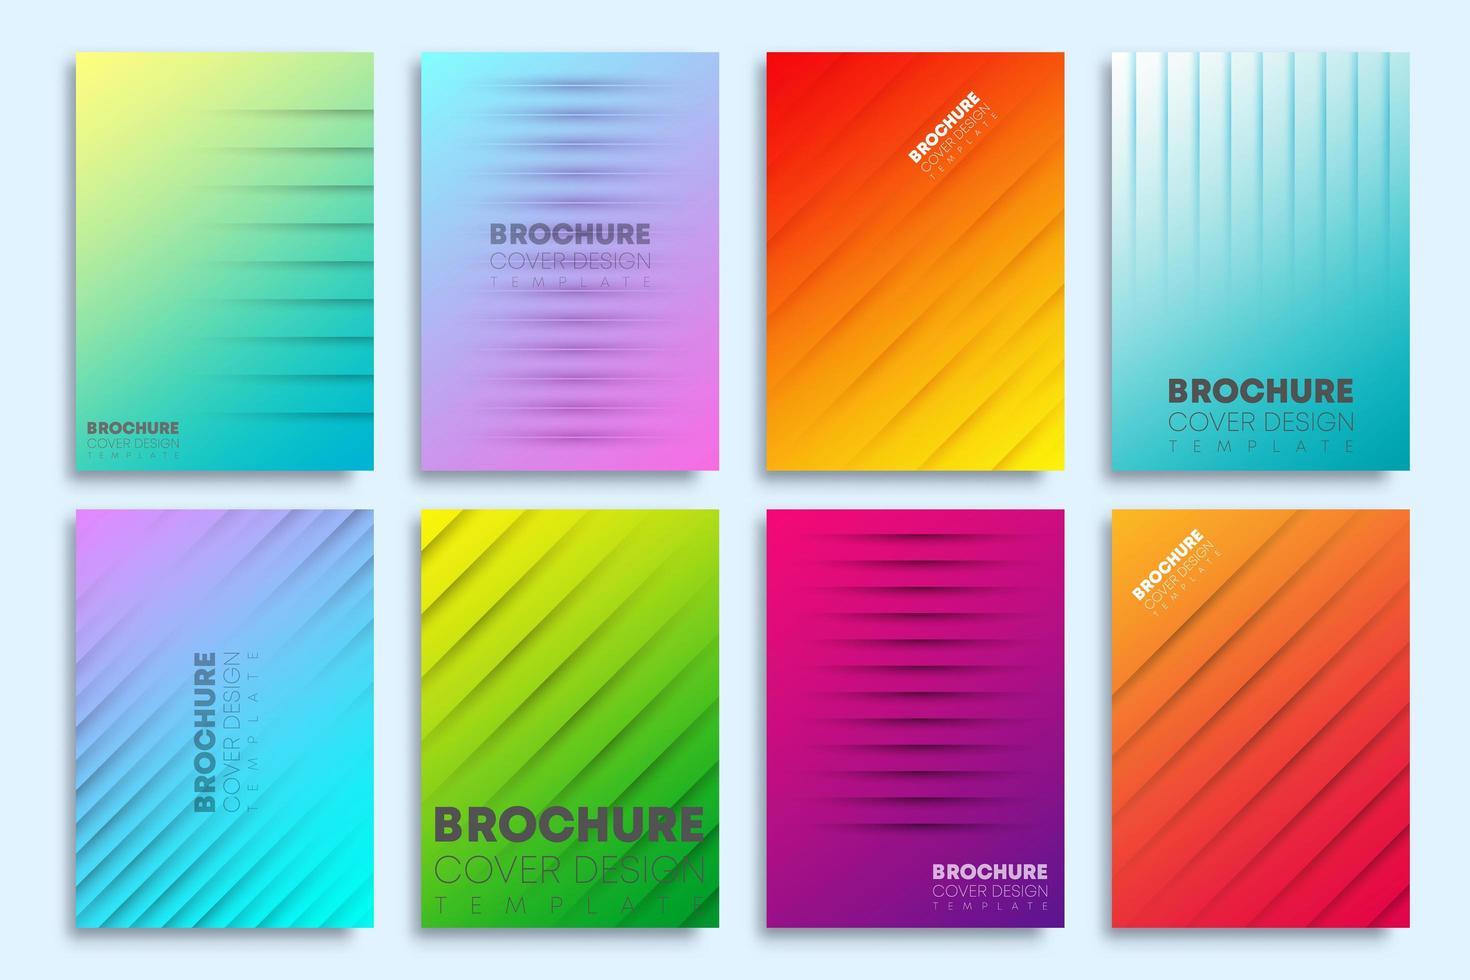 cubiertas de degradado de colores con líneas para volante, cartel, folleto vector